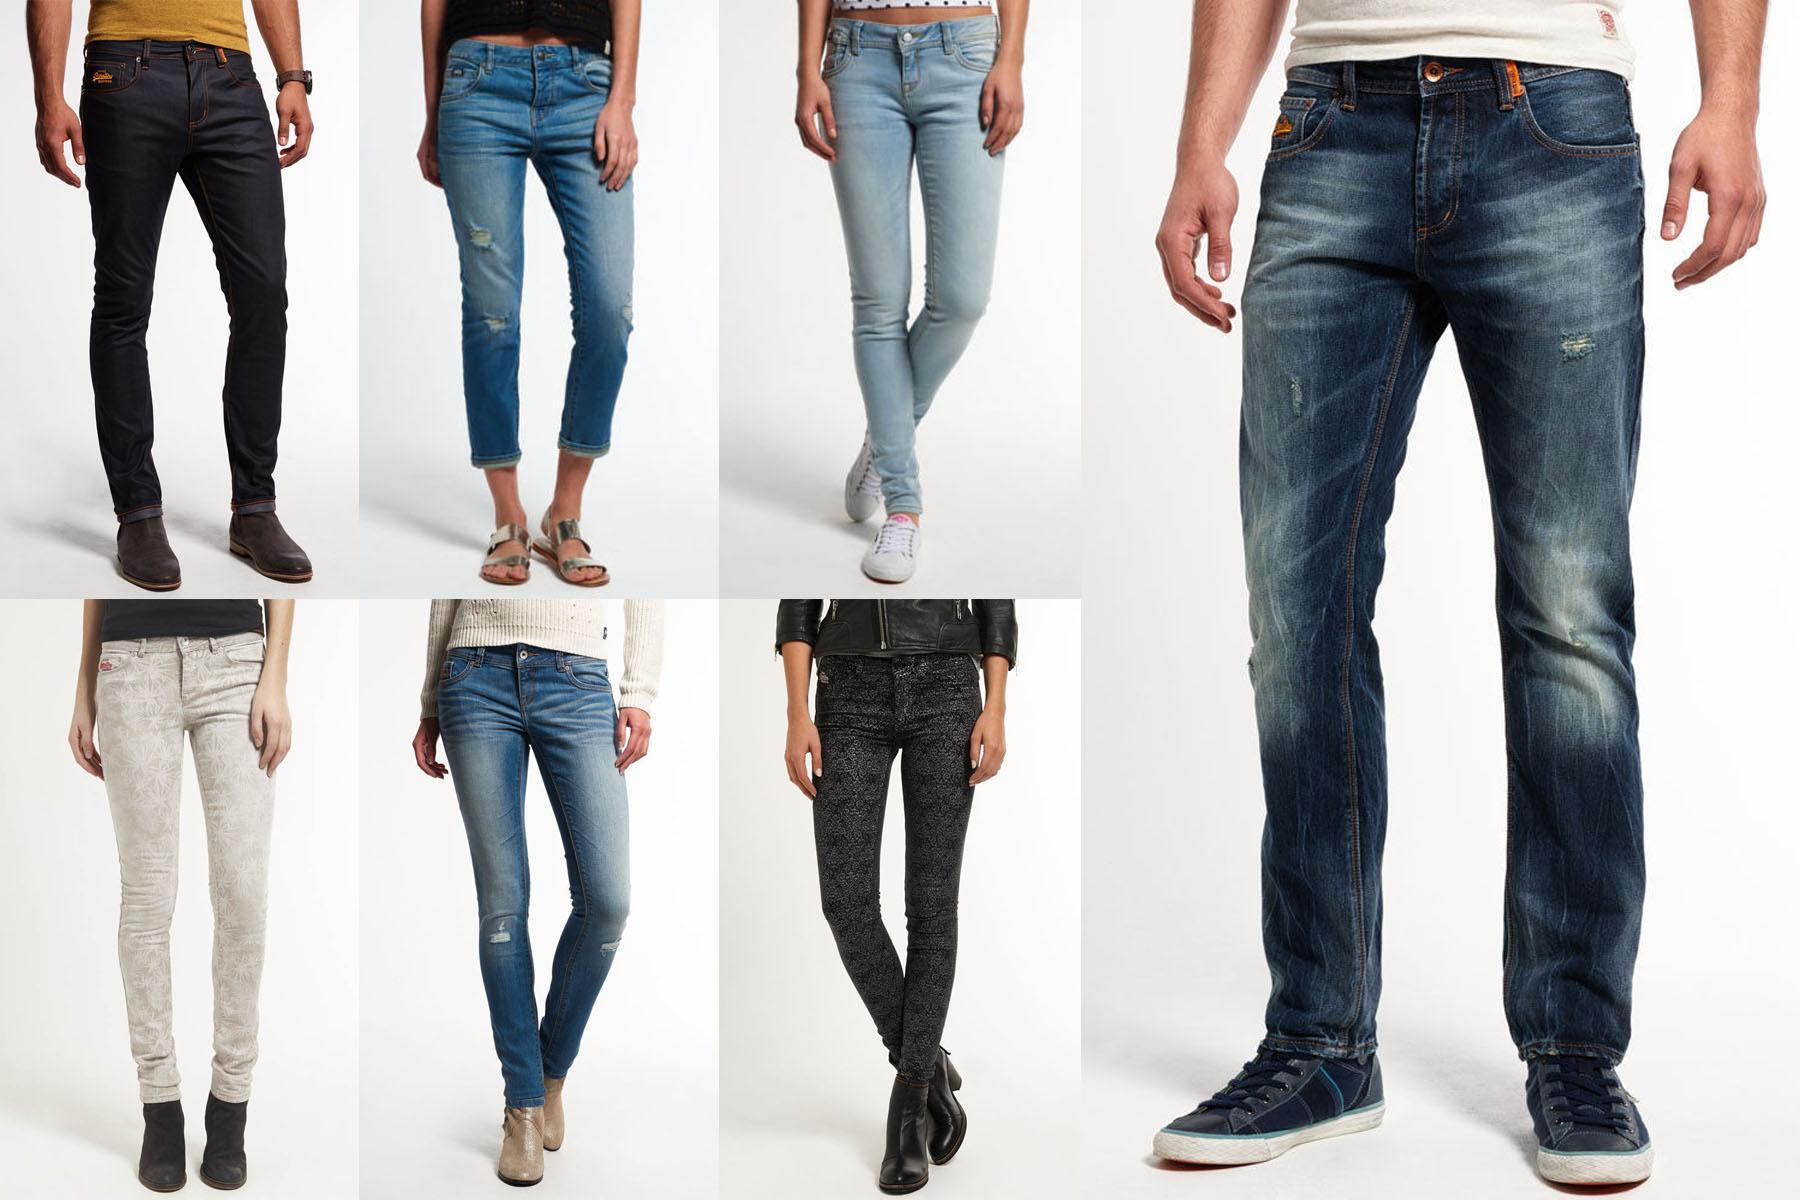 neue superdry f r m nner und frauen jeans versch modelle und farben 1407 ebay. Black Bedroom Furniture Sets. Home Design Ideas